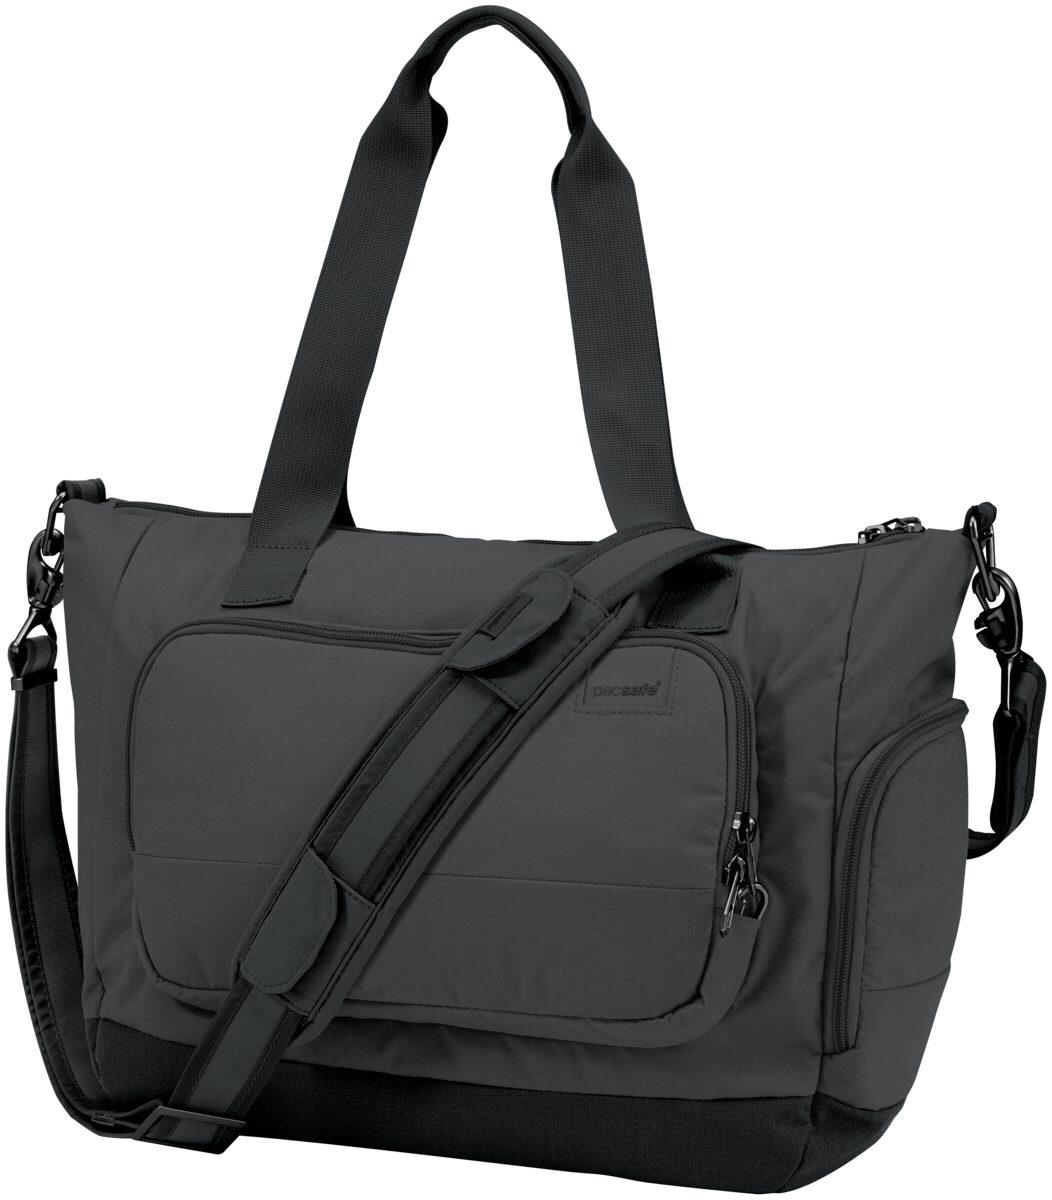 Pacsafe Tasche »Citysafe LS400 Reise tote Black«